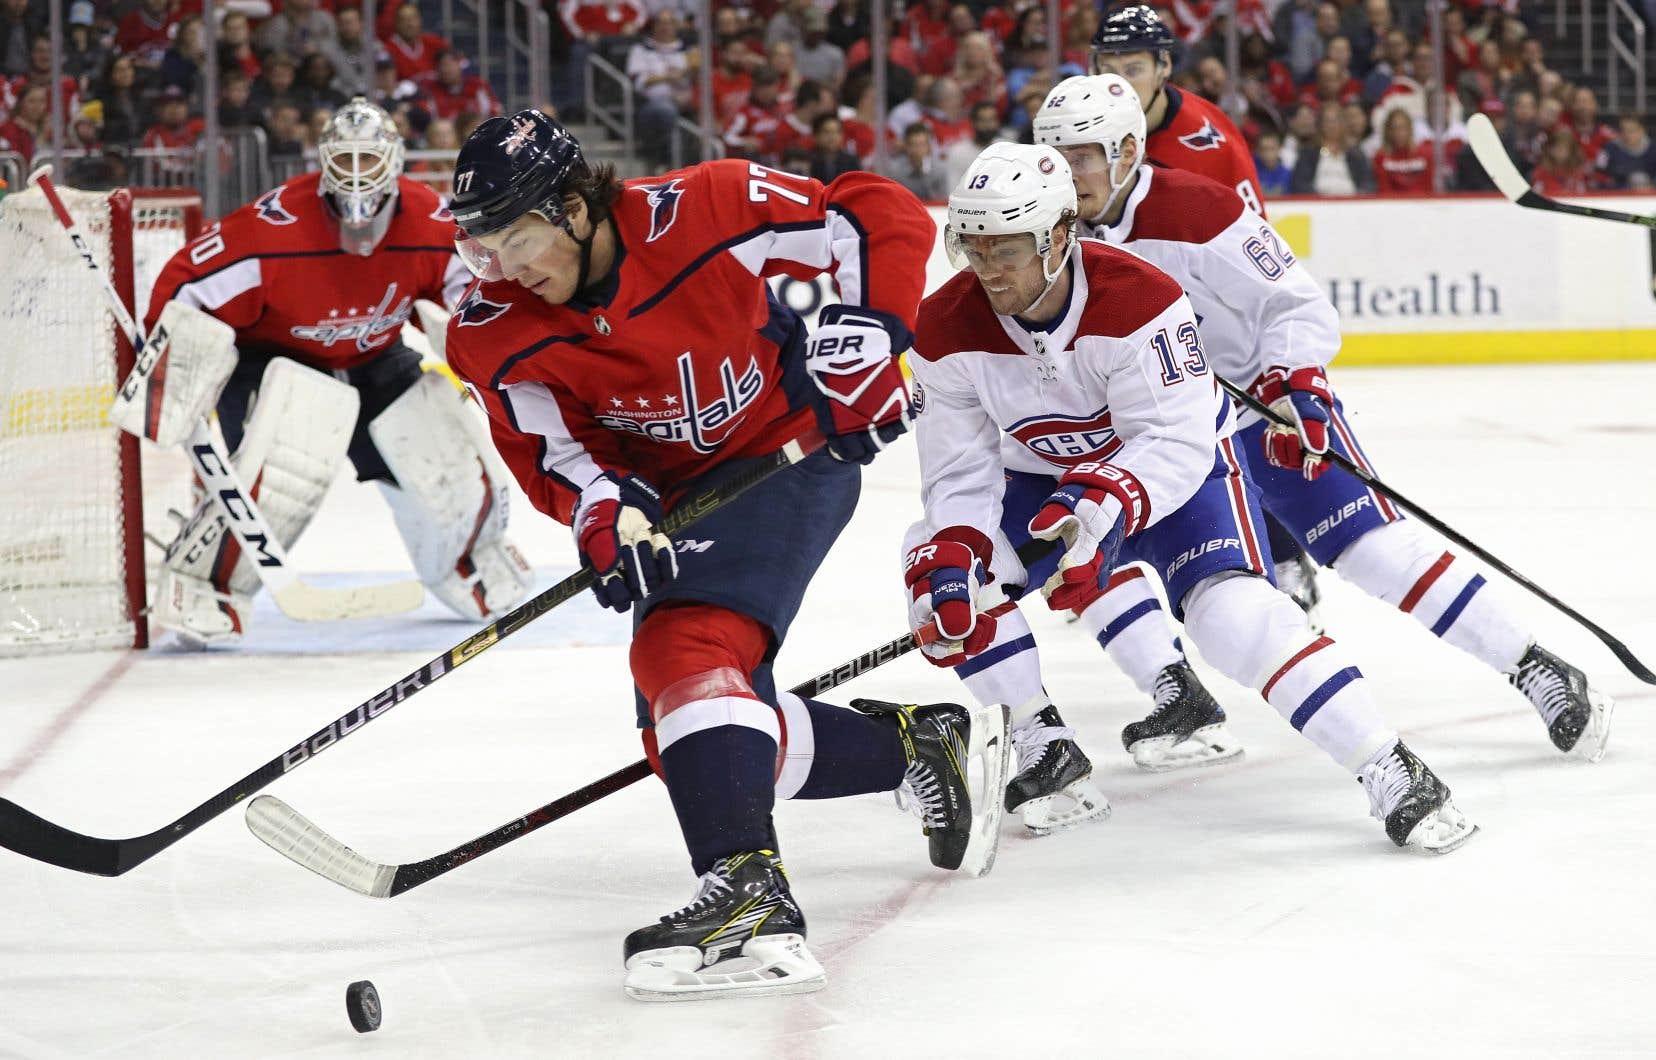 L'attaquant des Capitals T.J. Oshie déjoue le Canadien Max Domi, lors de la troisième période.